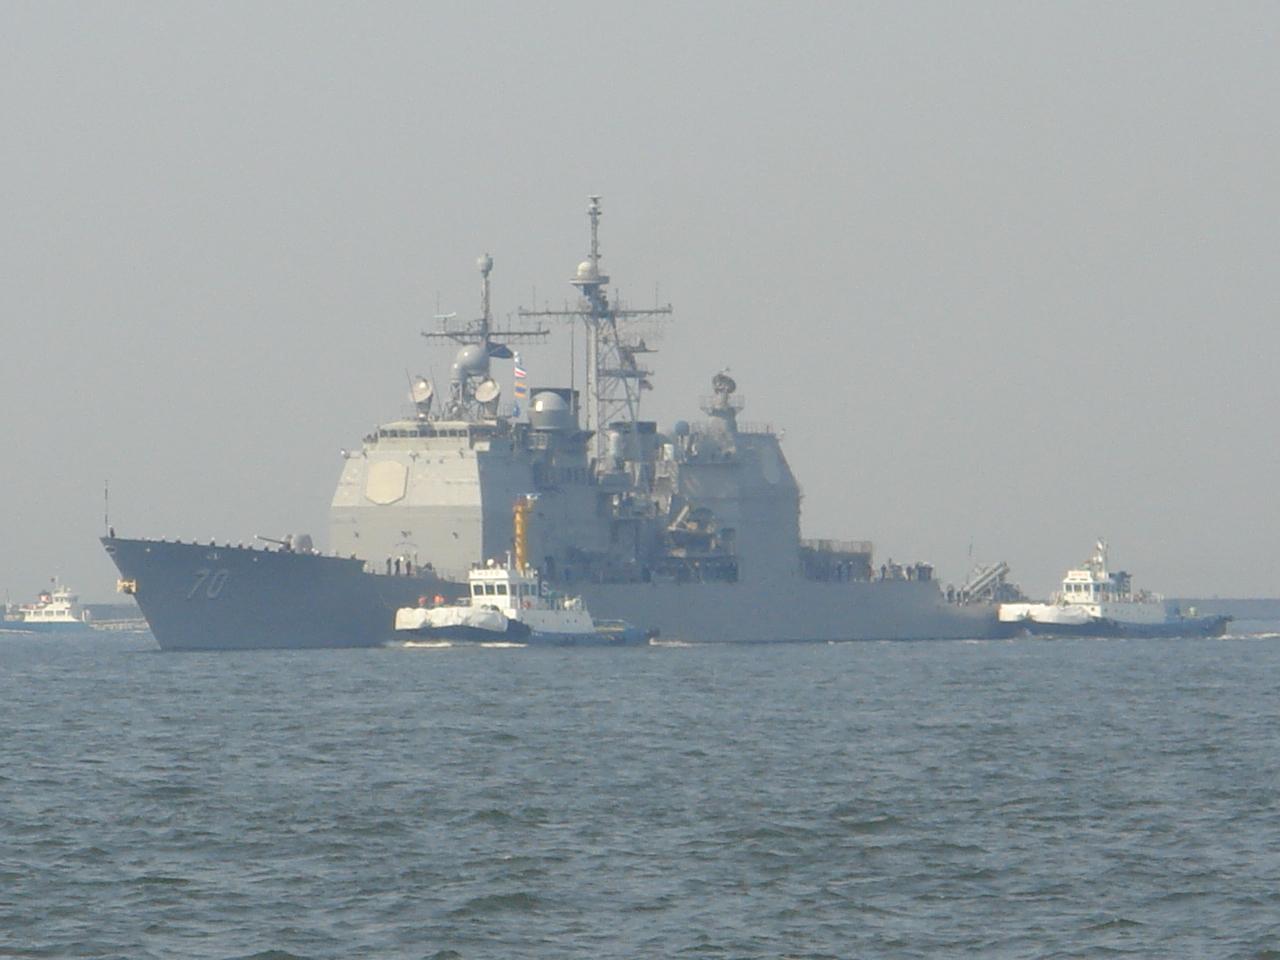 米国の最新鋭イージス艦が大阪寄港。その狙いとは?